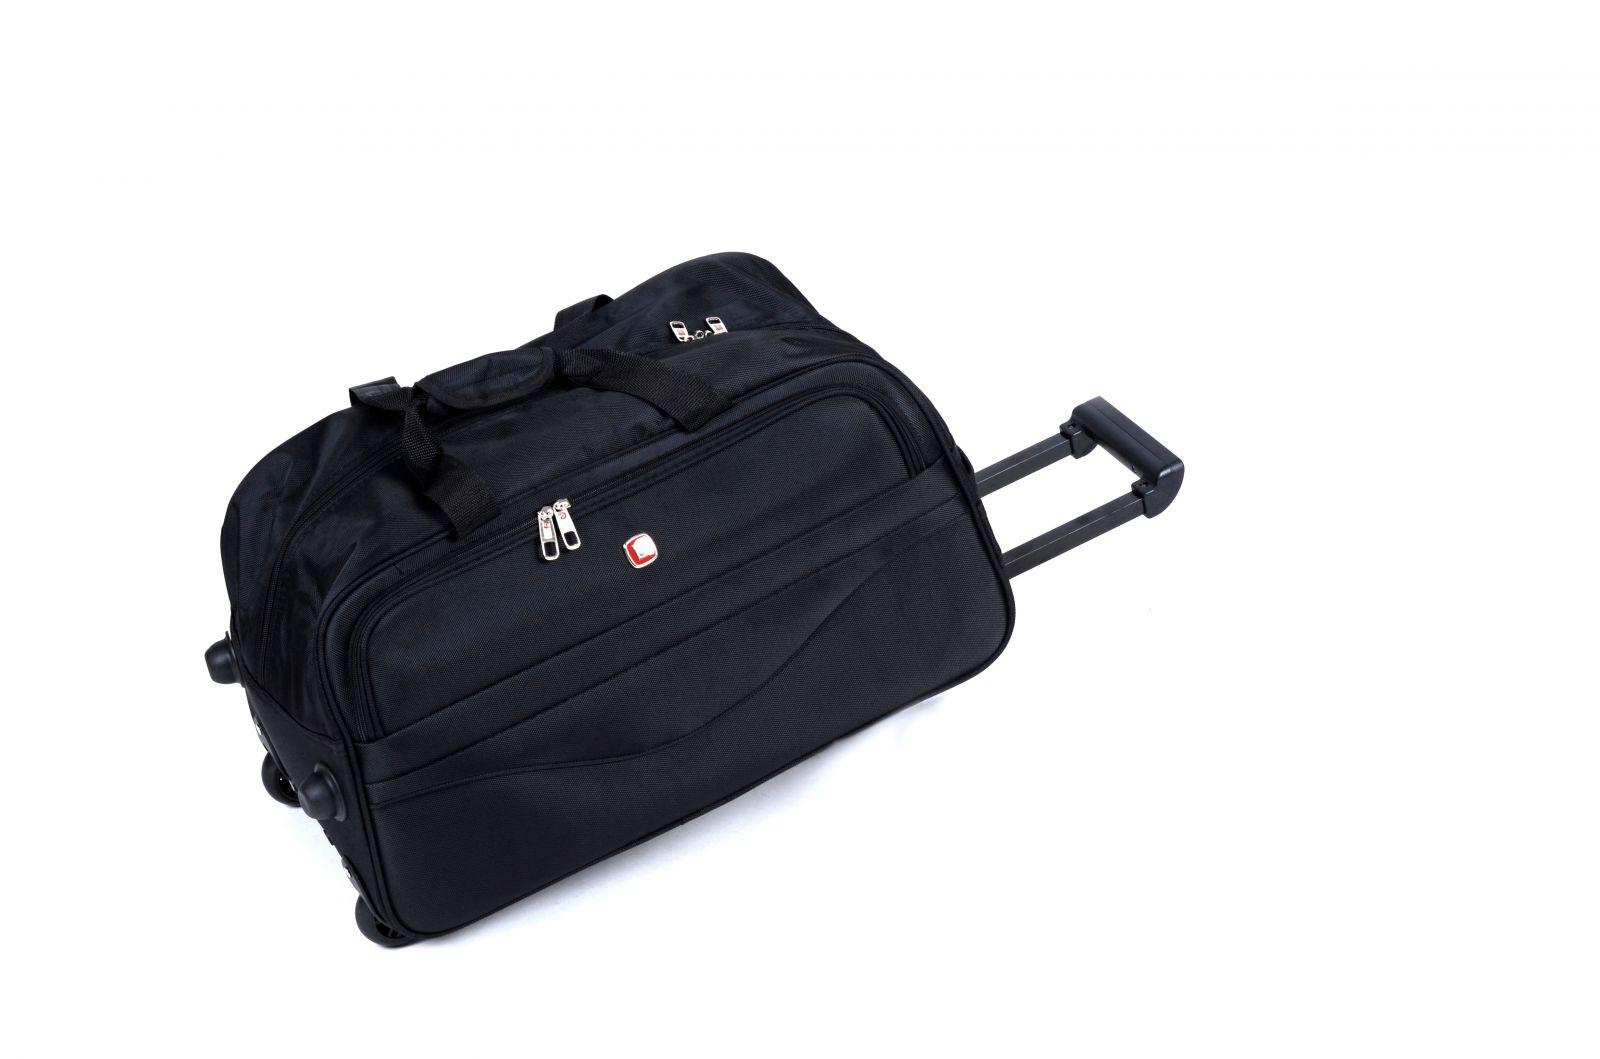 Cestovní taška na kolečkách GLORY střední černá E-batoh